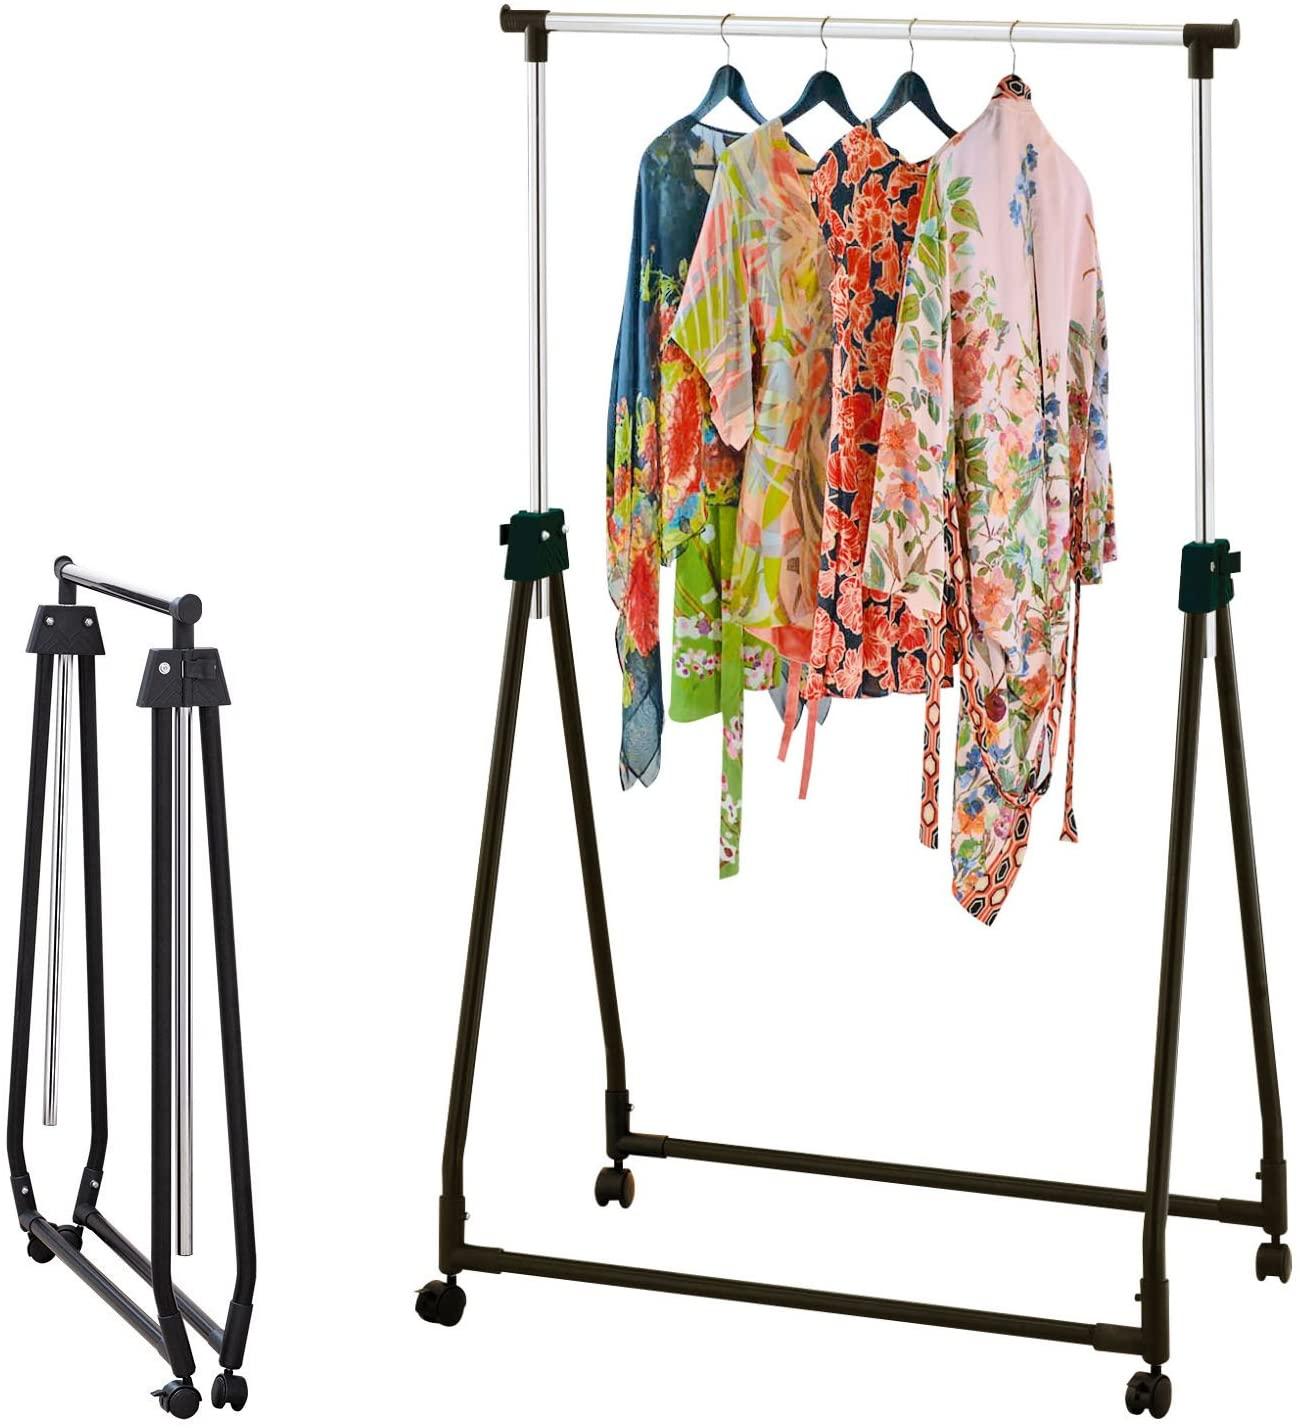 Portable Garment Cloth Rail